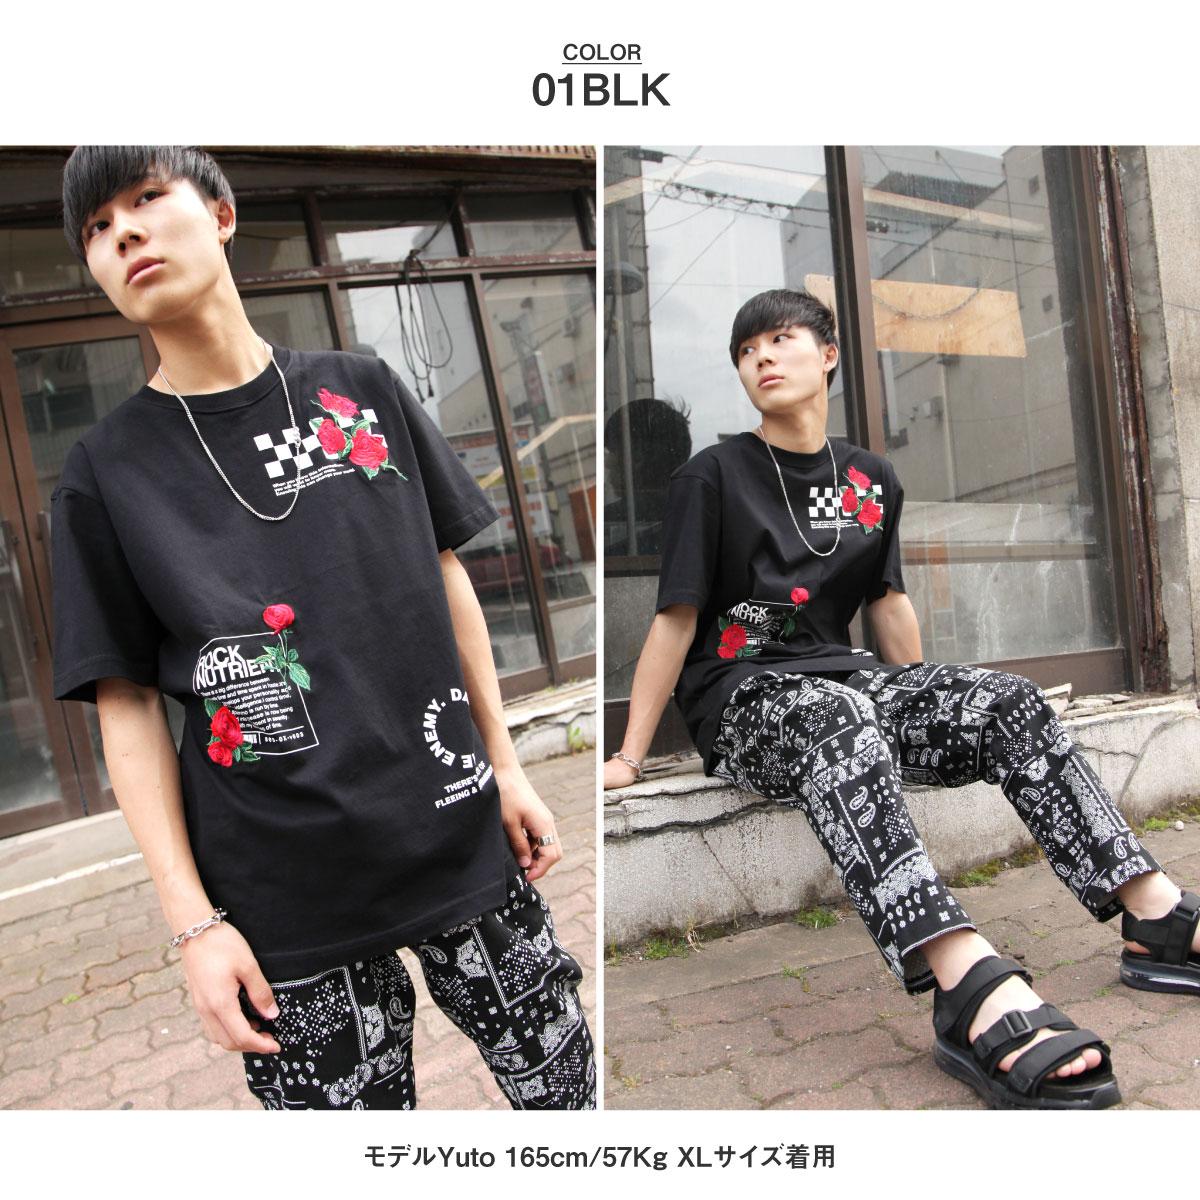 【New】ZIP 玫瑰刺繡短袖T恤 1